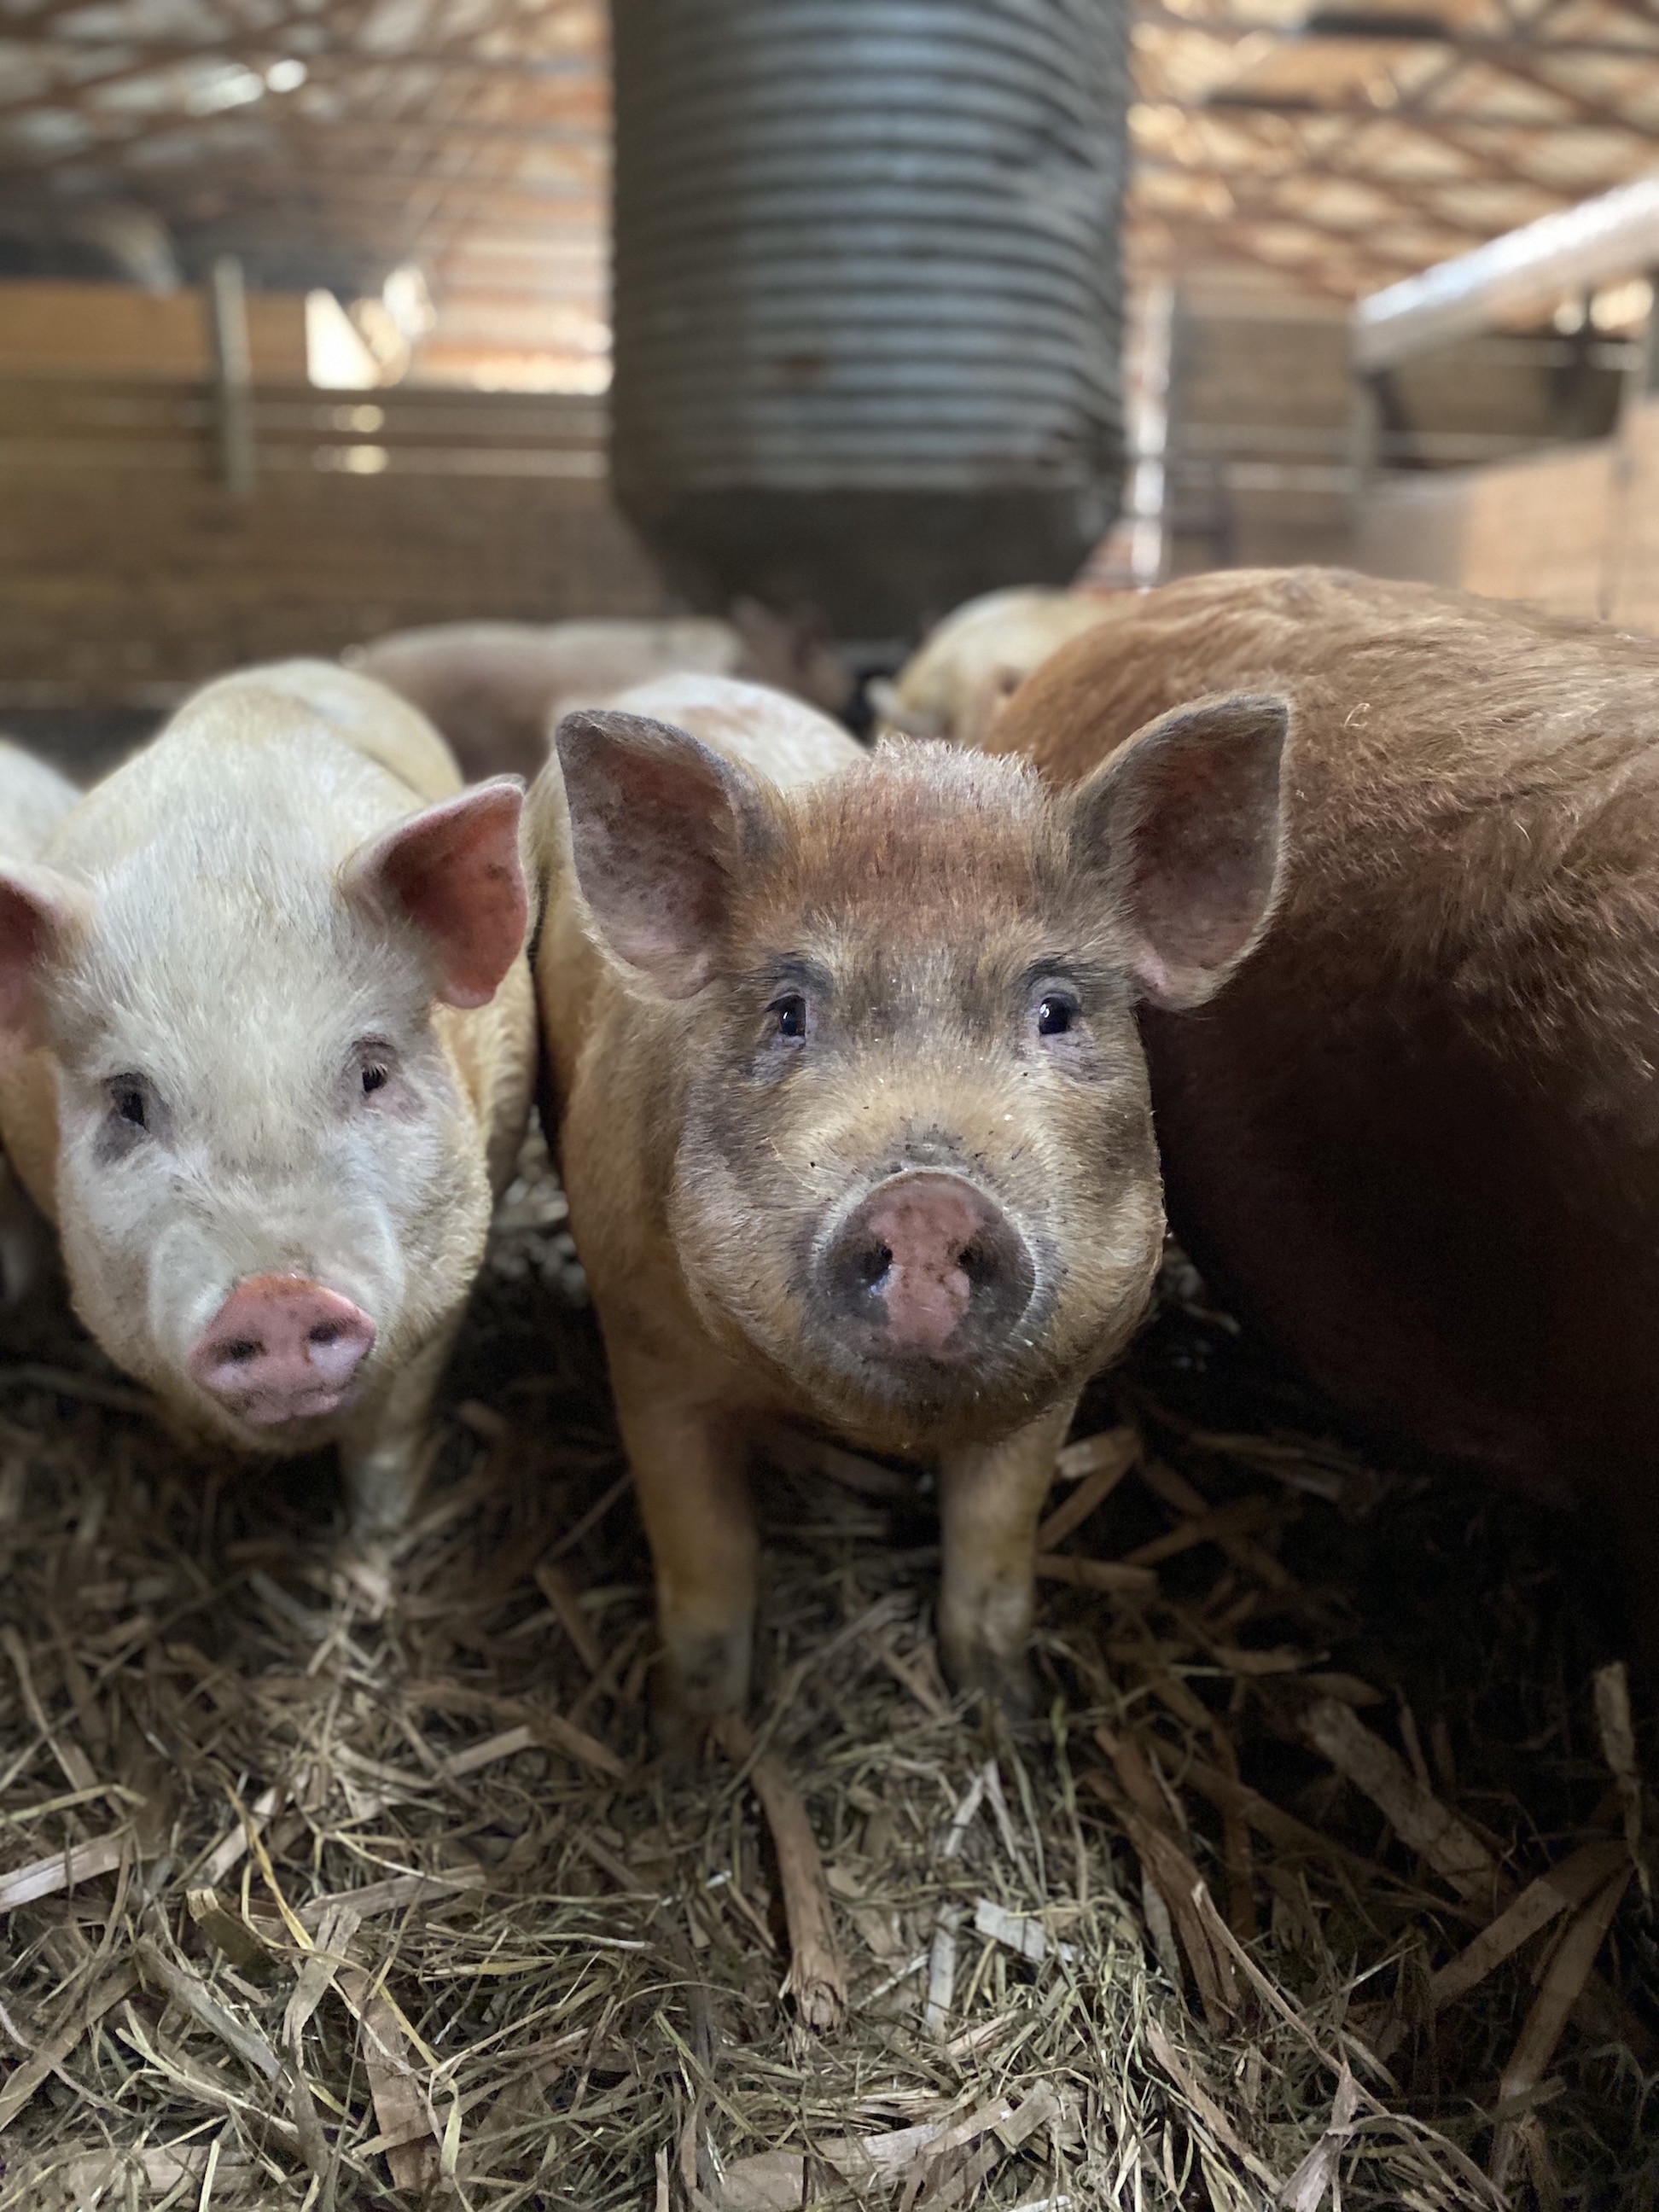 Farm Raised Pork